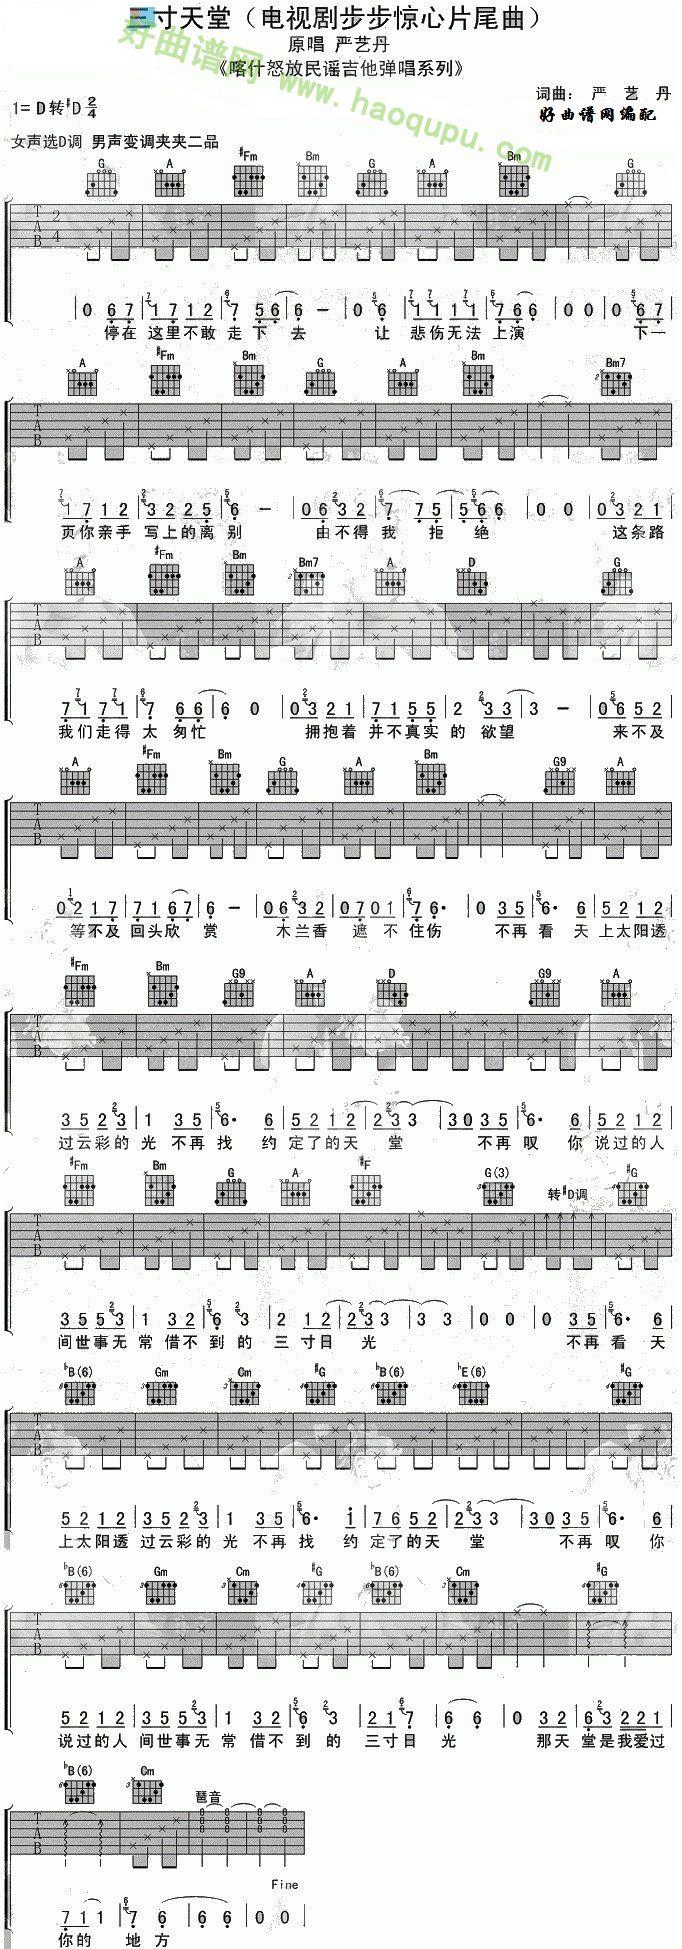 《三寸天堂》 - 吉他谱